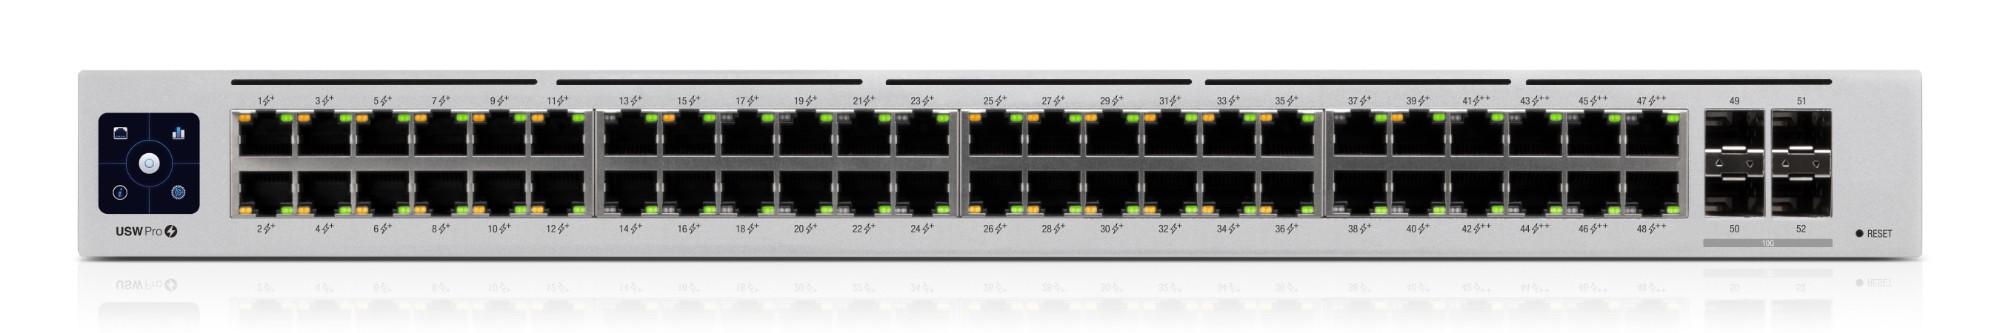 Ubiquiti Networks UniFi Pro 48-Port PoE Managed L2/L3 Gigabit Ethernet (10/100/1000) Power over Ethernet (PoE) 1U Silver